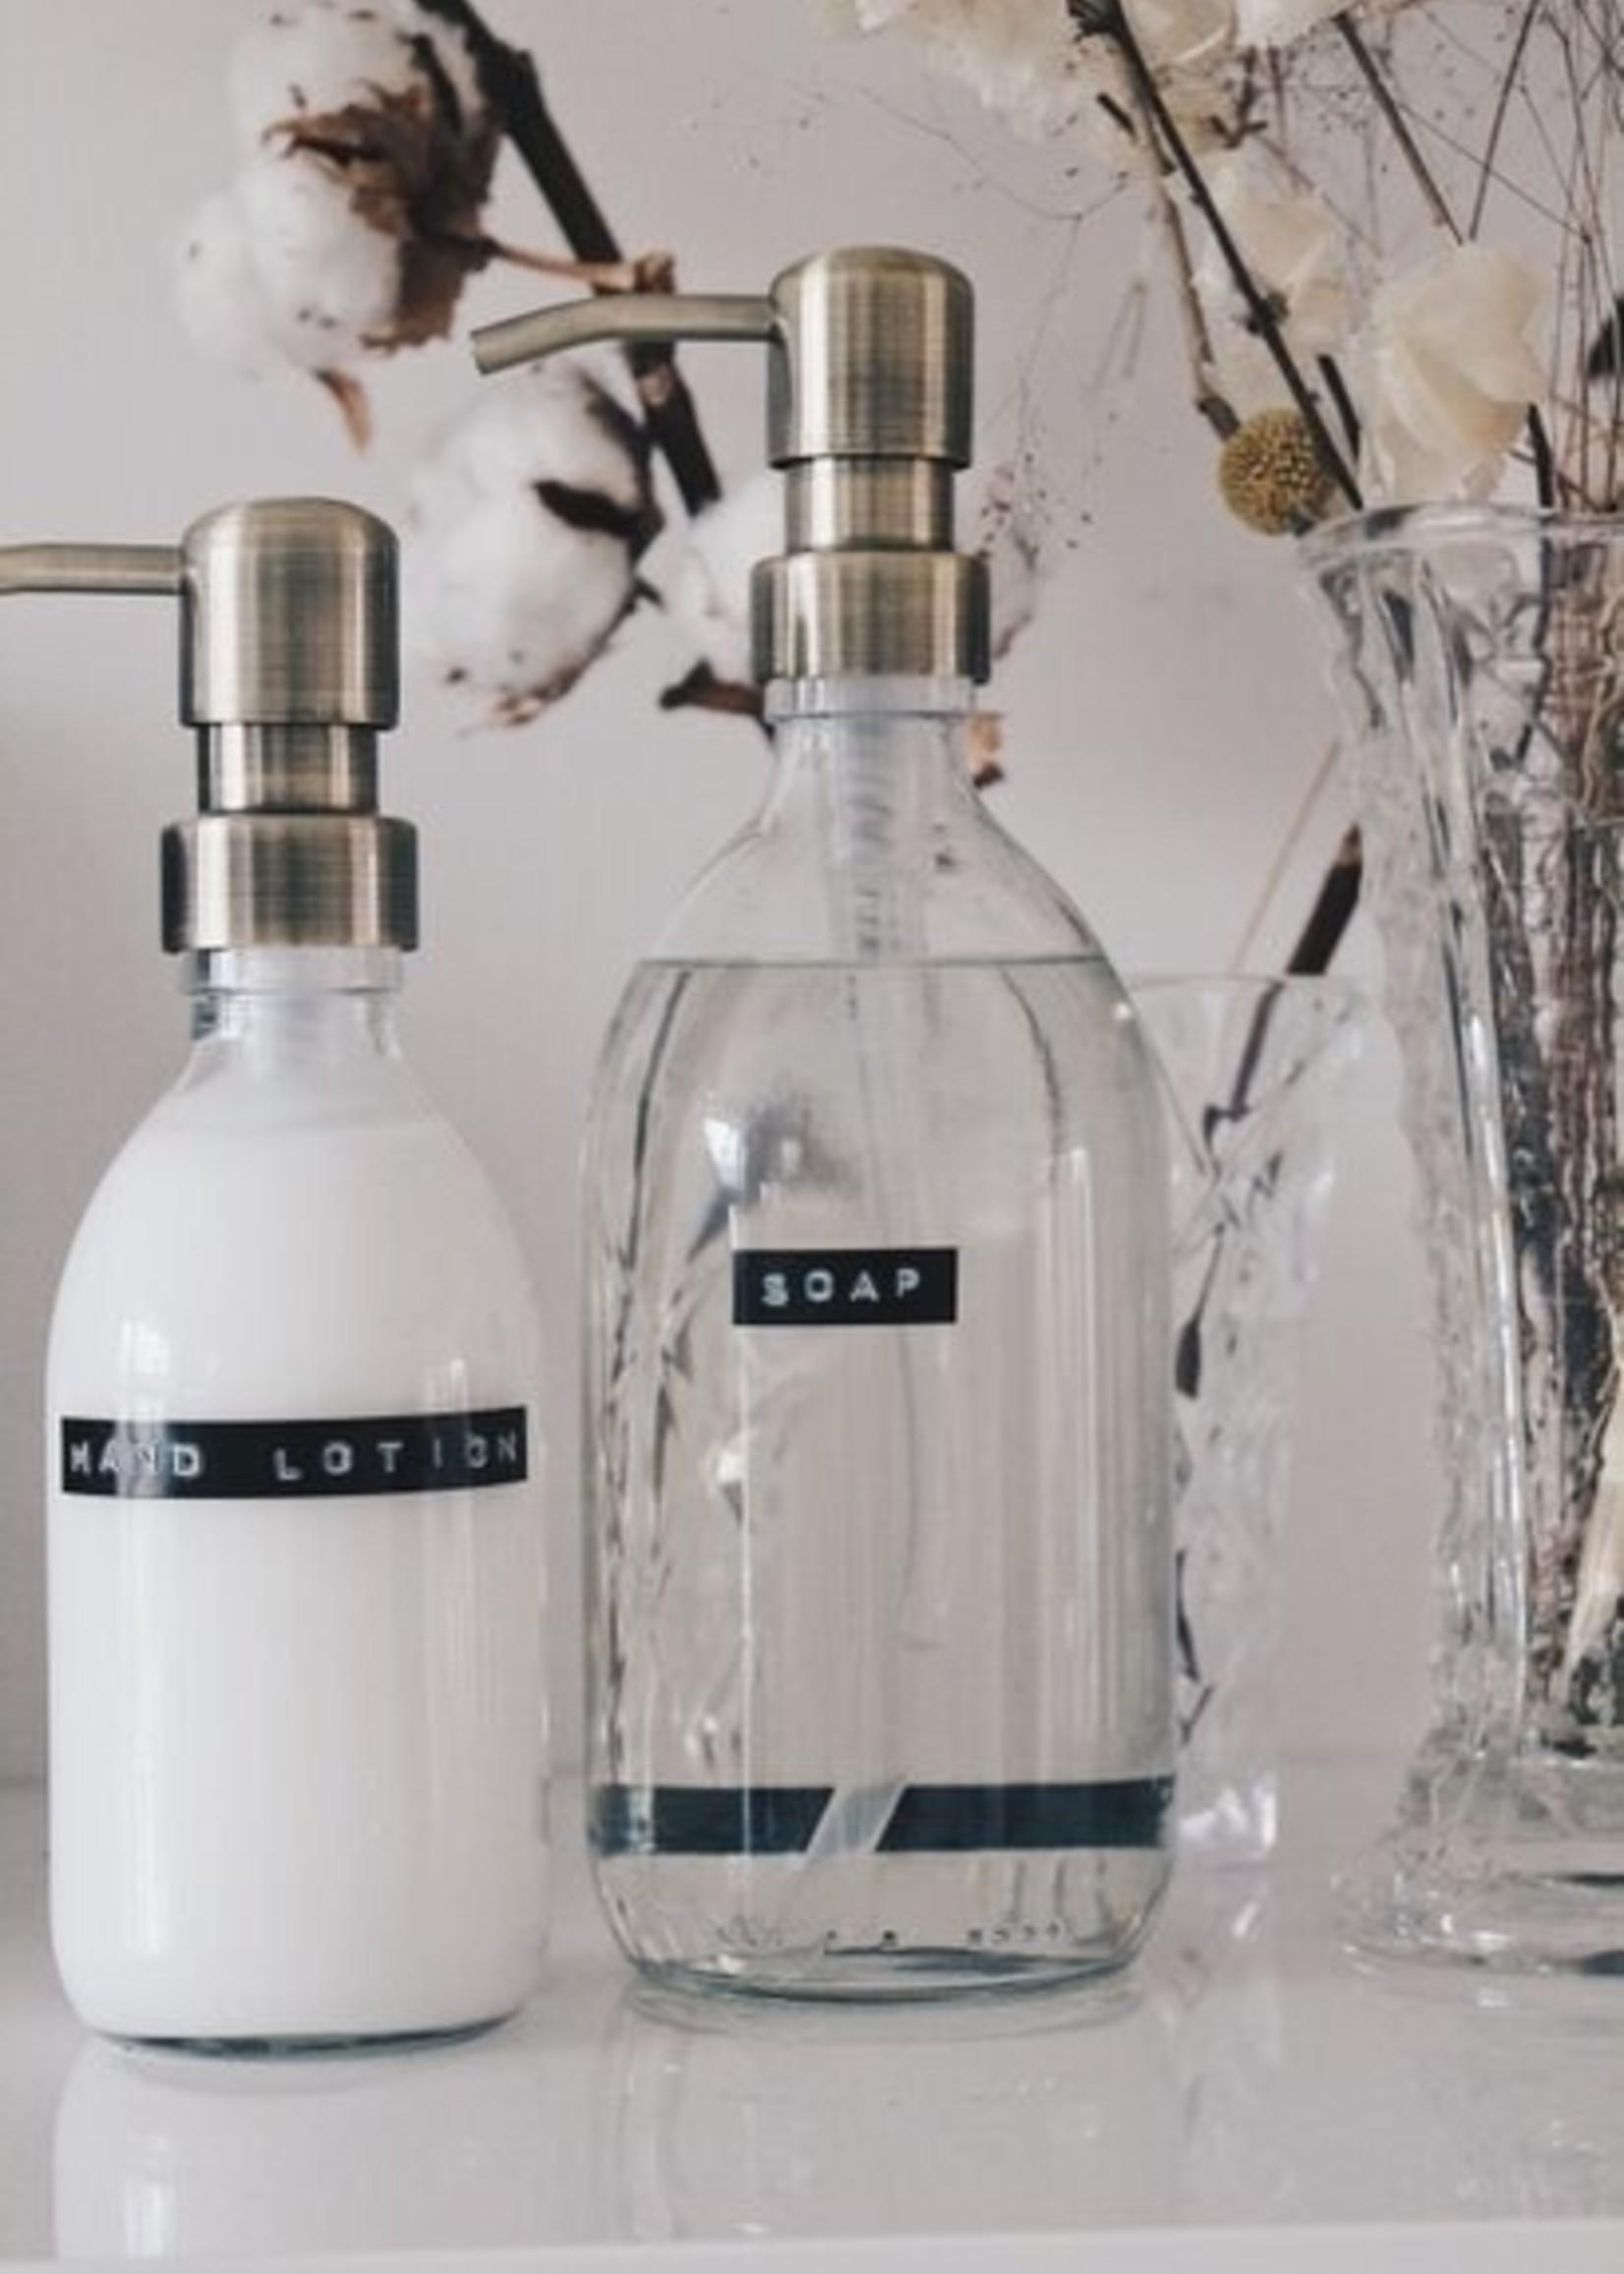 WELLmark WELLmark - Handcrème frisse linnen - 250ml - helder glas messing pomp 'good skin'